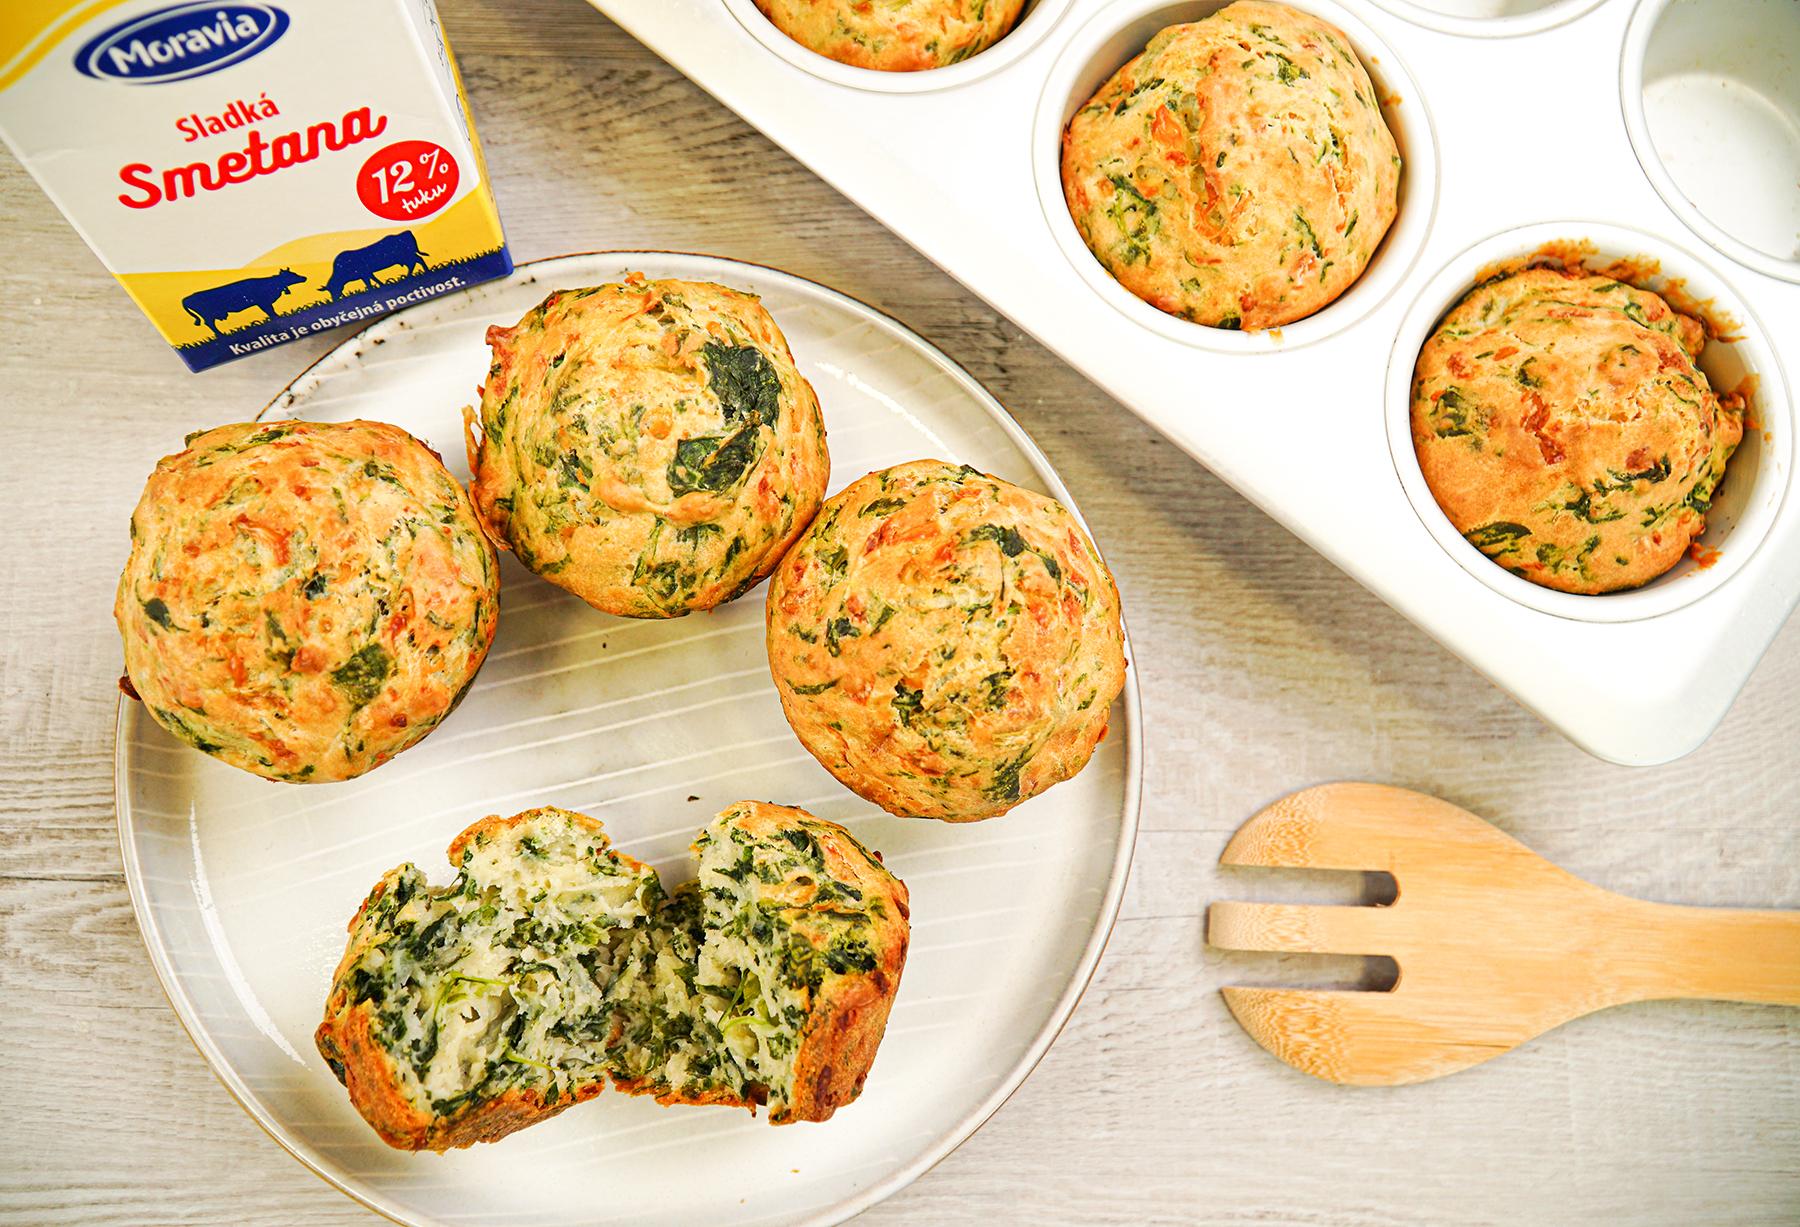 Špenátové muffiny se smetanou Moravia